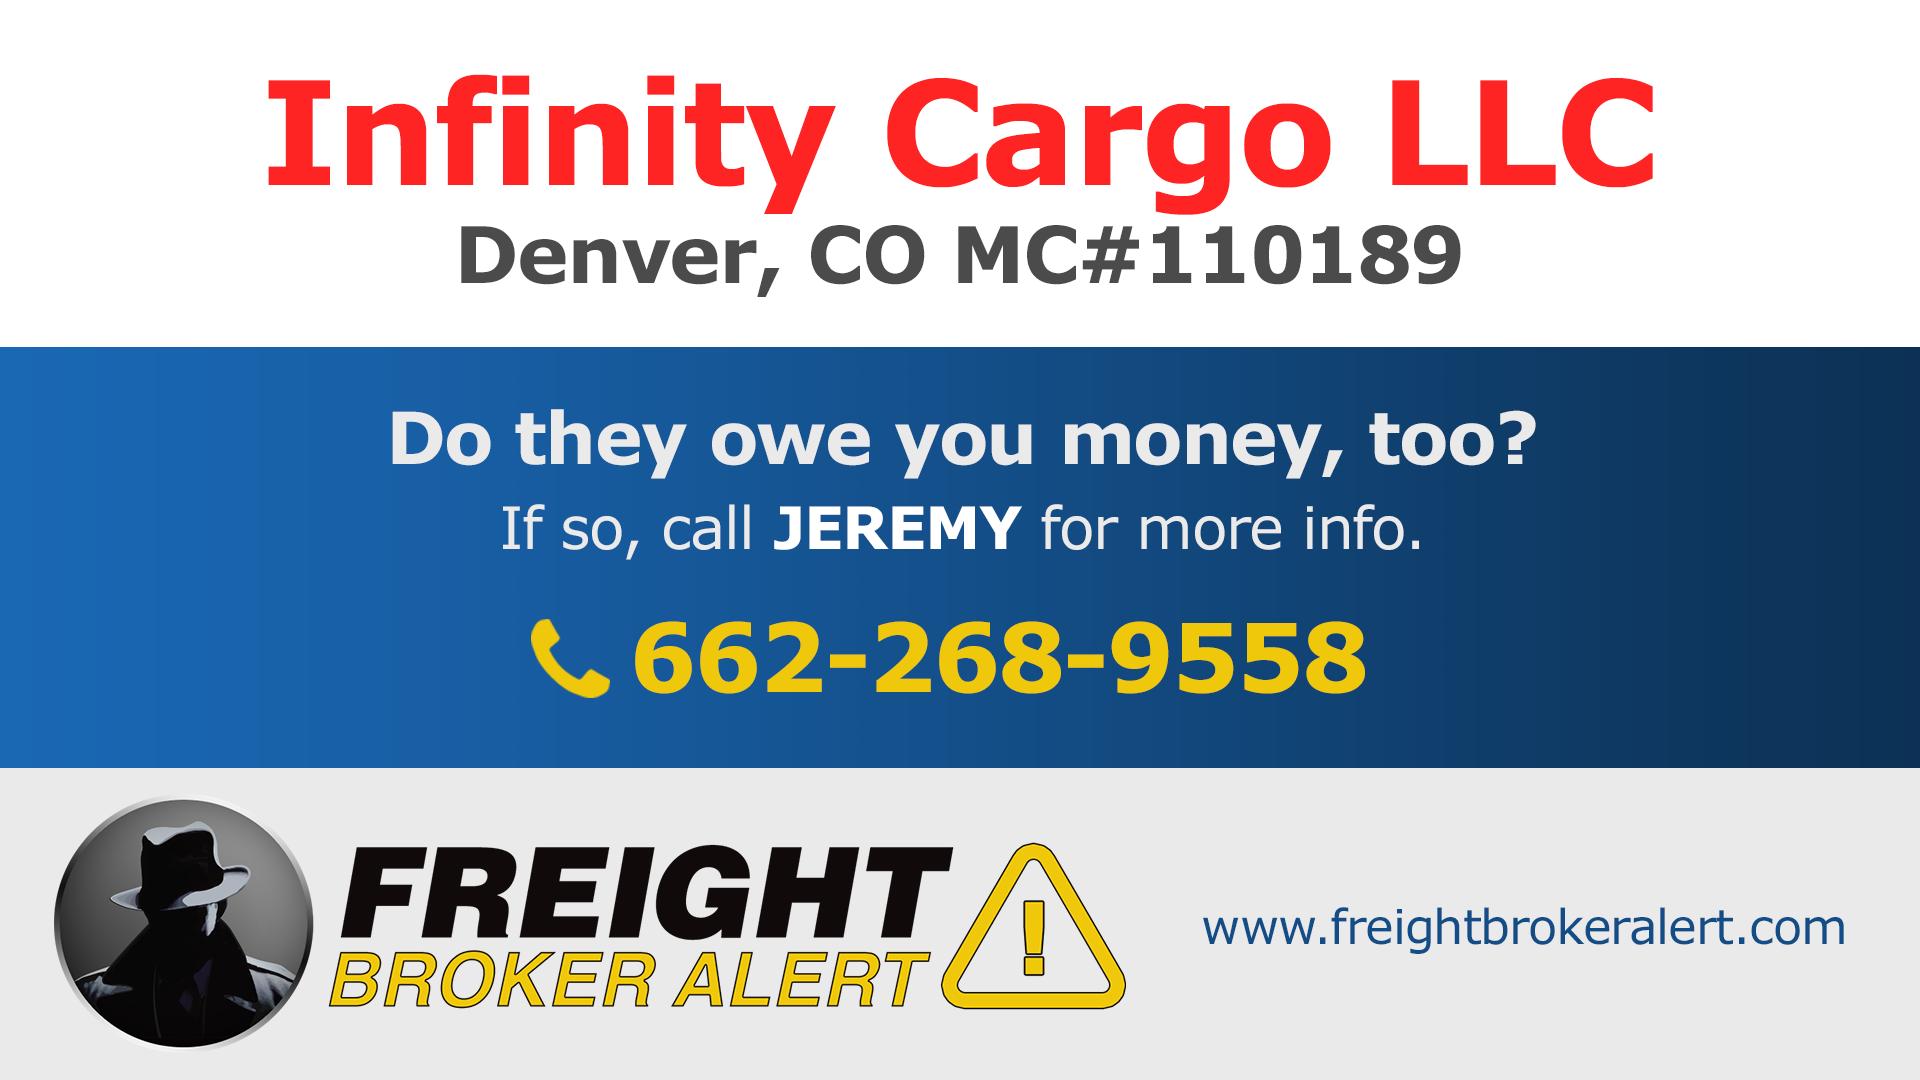 Infinity Cargo LLC Colorado